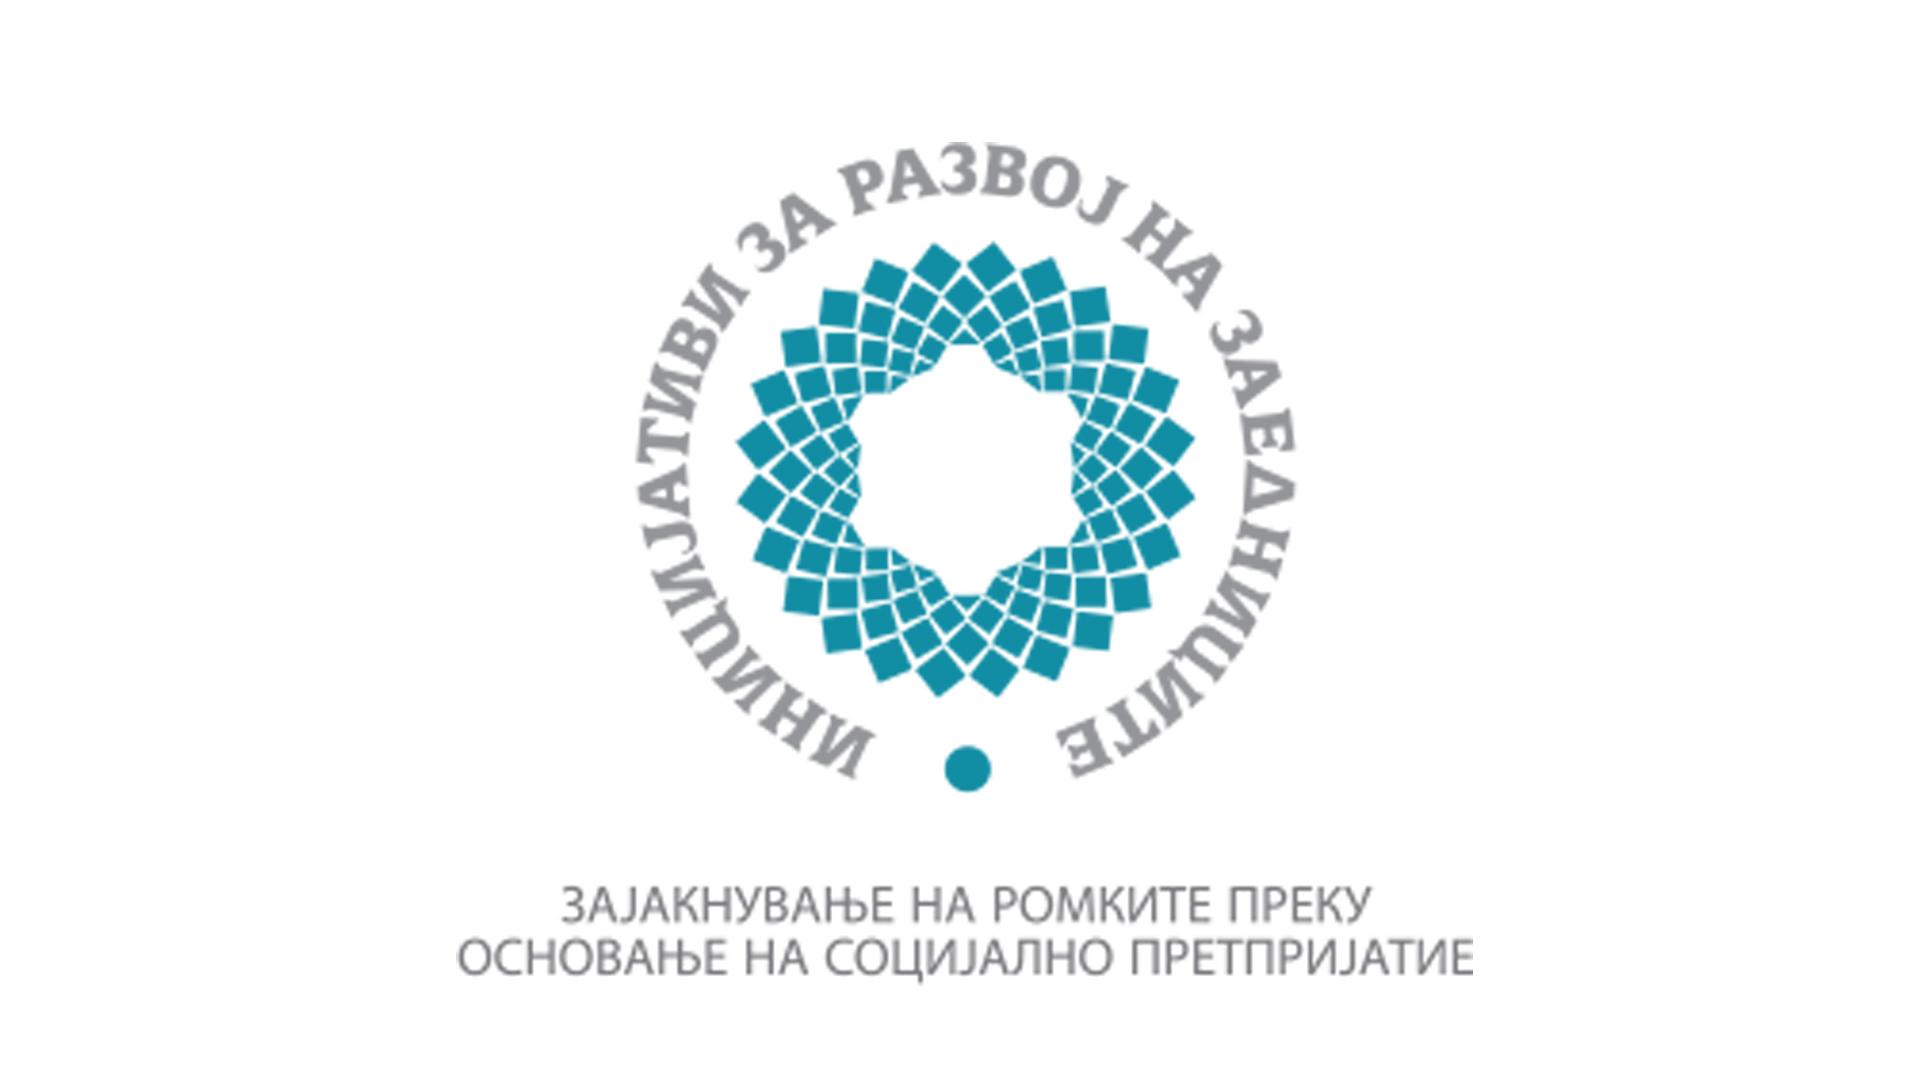 (Македонски) Барање за прибирање на понуди за кетеринг услуги